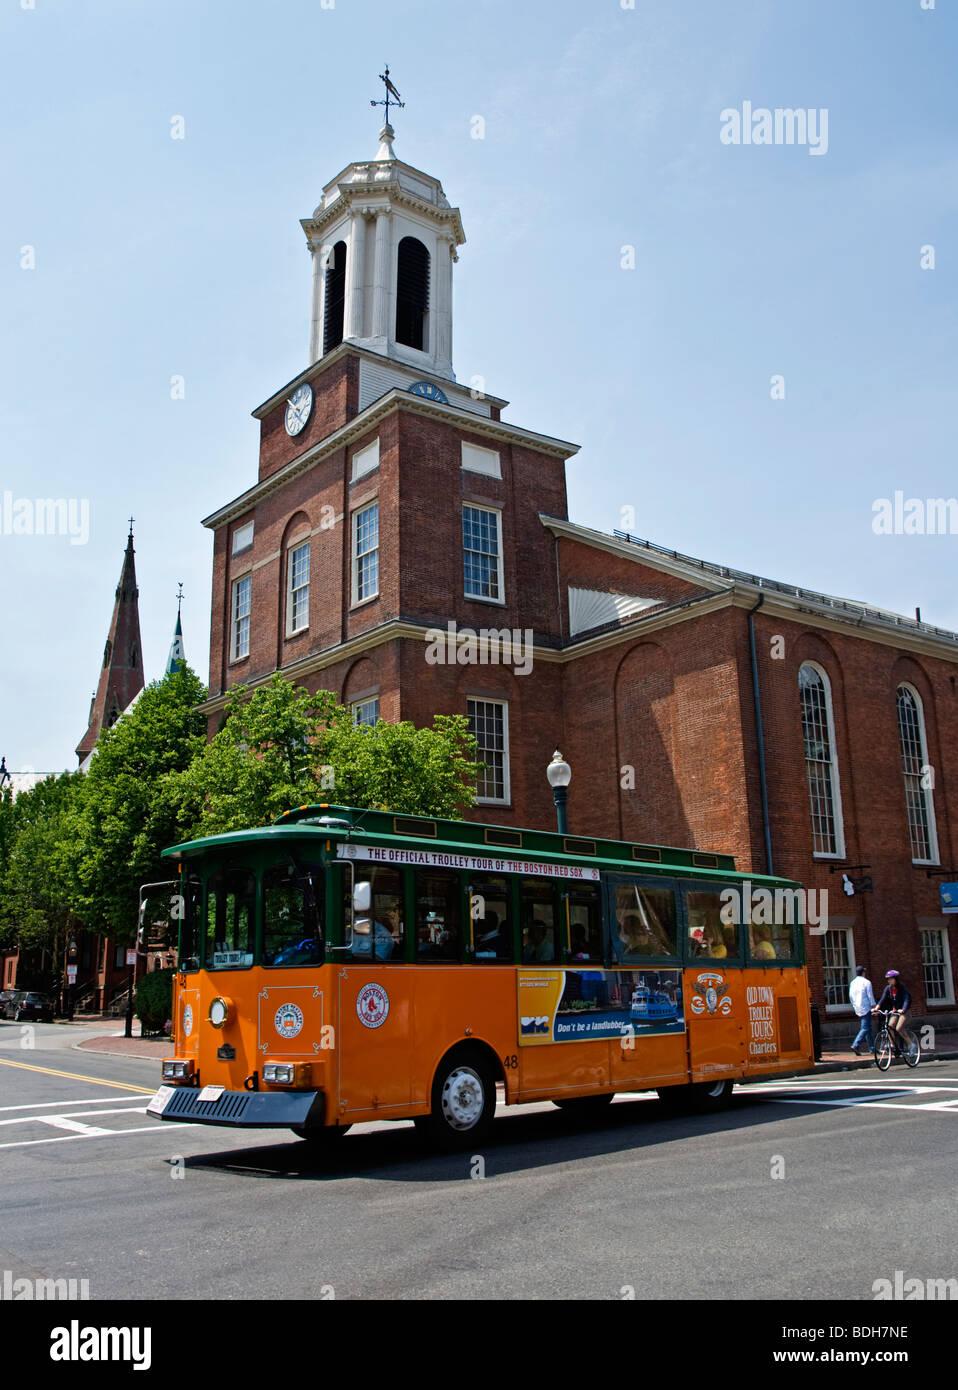 Un pubblico il tram passa davanti al CHARLES STREET MEETING HOUSE su Beacon Hill - BOSTON, MASSACHUSETTS Immagini Stock